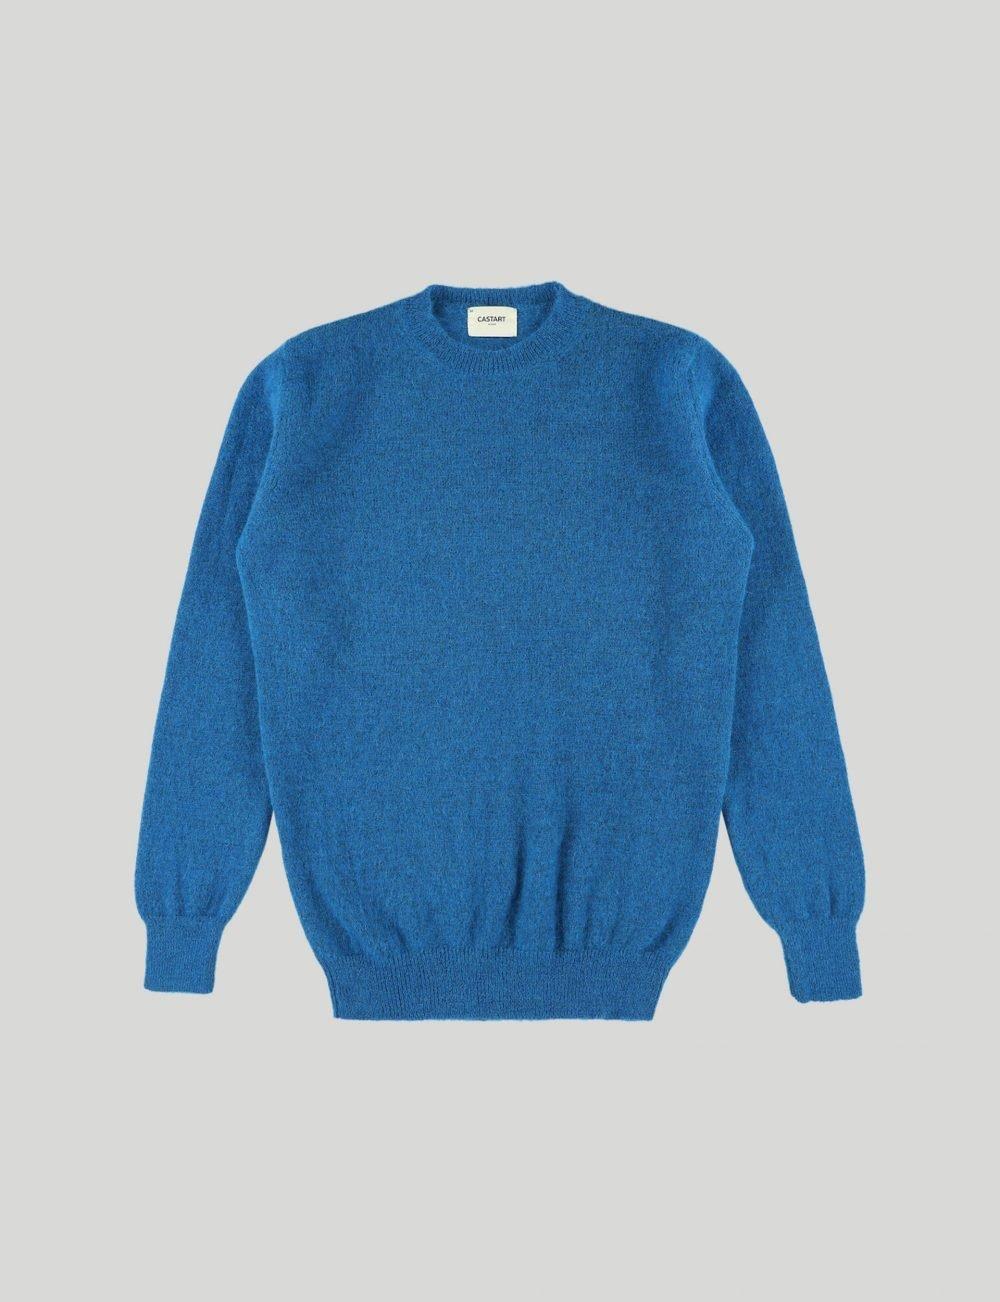 Castart - The Flirt Knitwear - Aqua